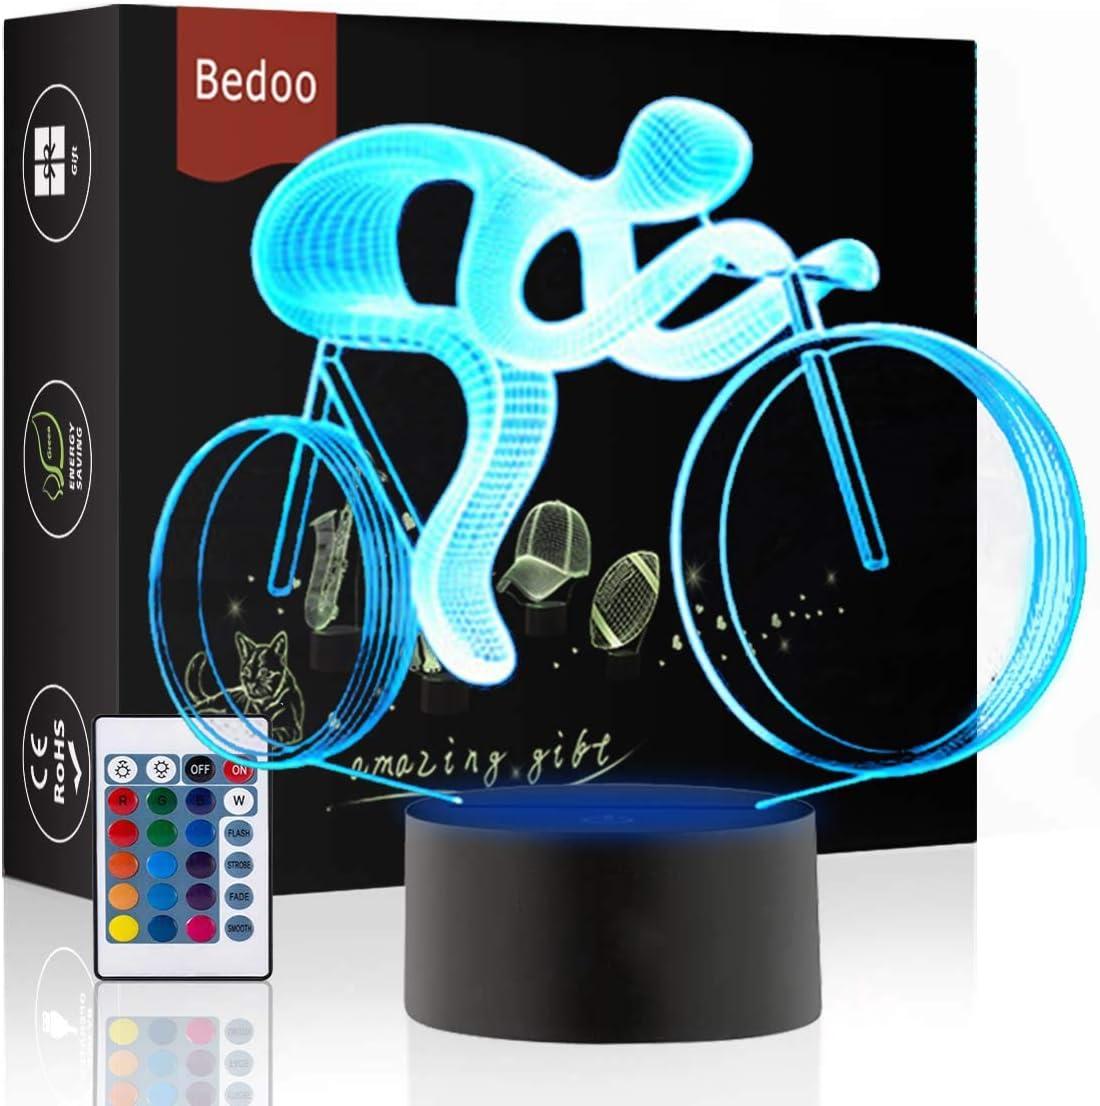 Luz de Noche LED Ilusión 3D Lámpara de Mesa de Cabecera 16 colores Cambiando la iluminación dormir con el botón de tacto inteligente Lindo regalo de calentamiento actual Decoración creativa(Bicicleta)